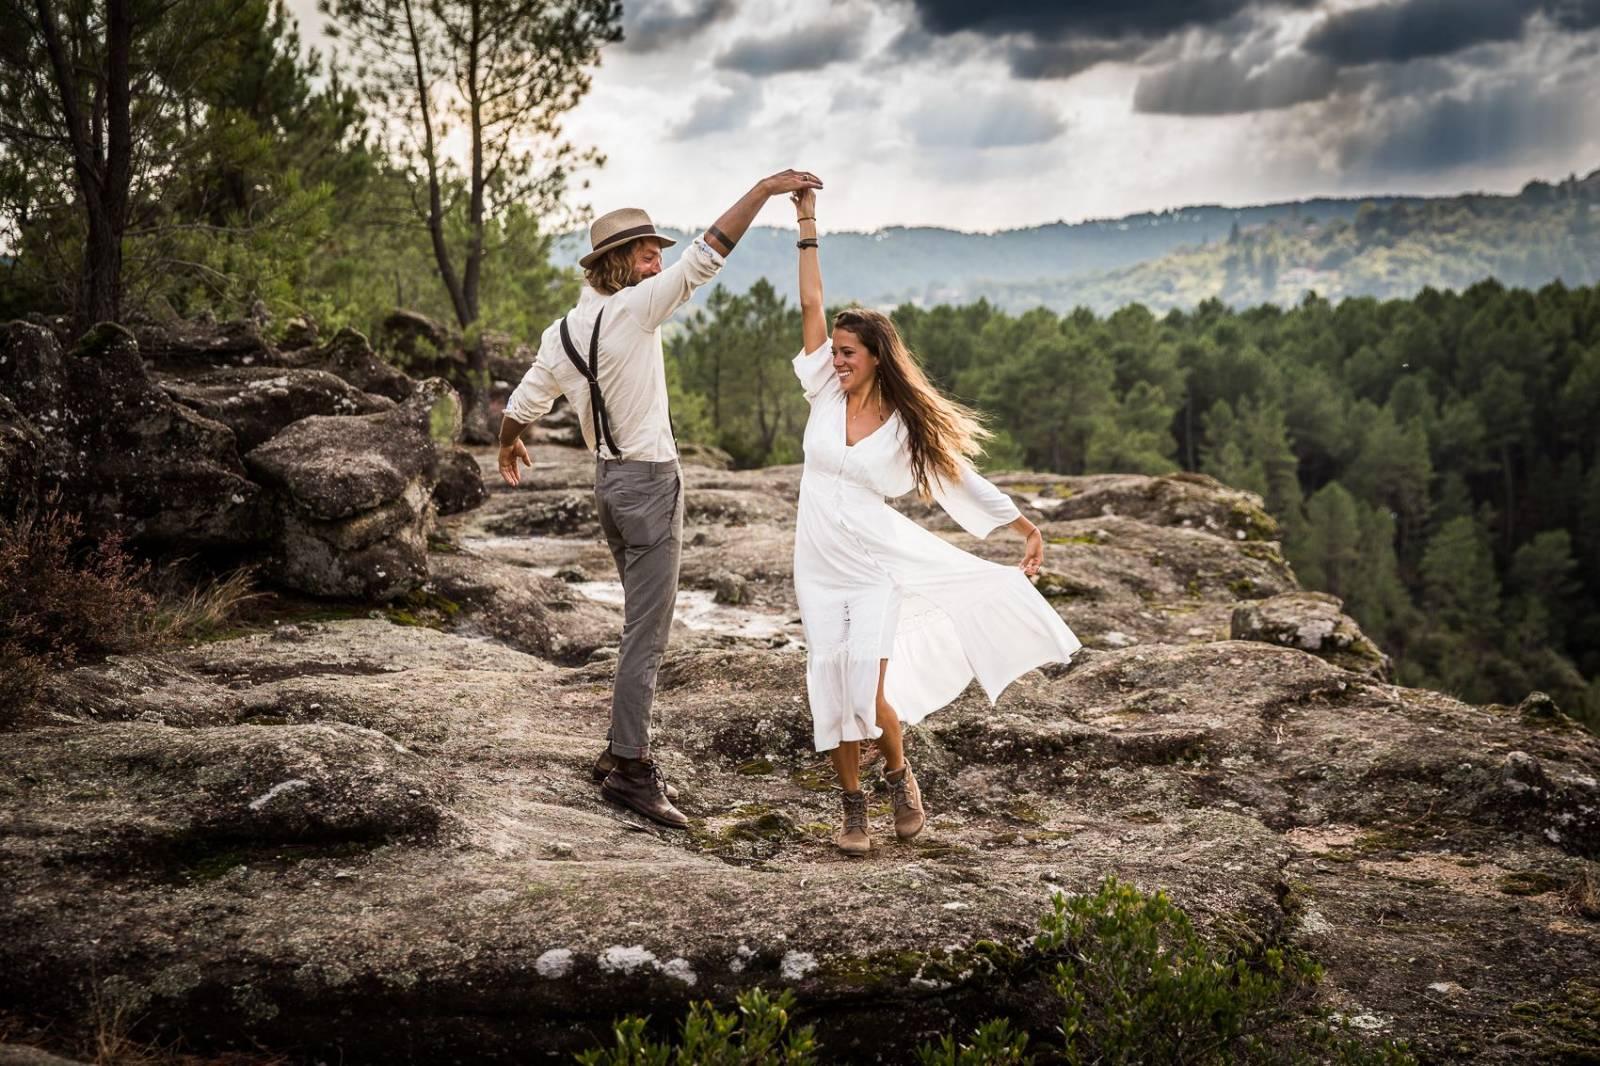 Cinderella Photographie - Trouwen in frankrijk - Huwelijksfotograaf - Trouwfotograaf - House of Weddings - 4